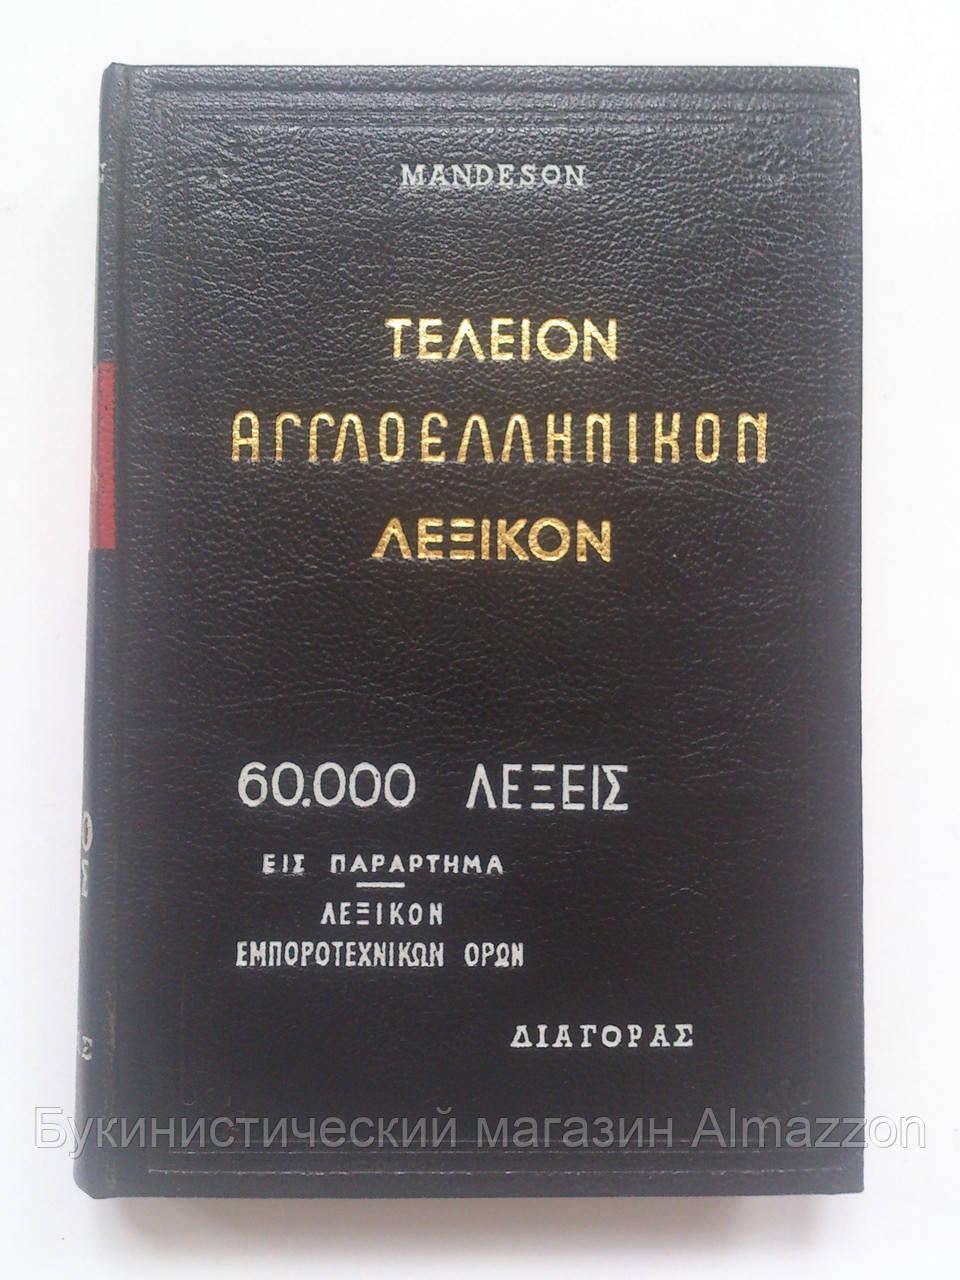 Англо-греческий словарь (English-greek dictionary) Mandeson